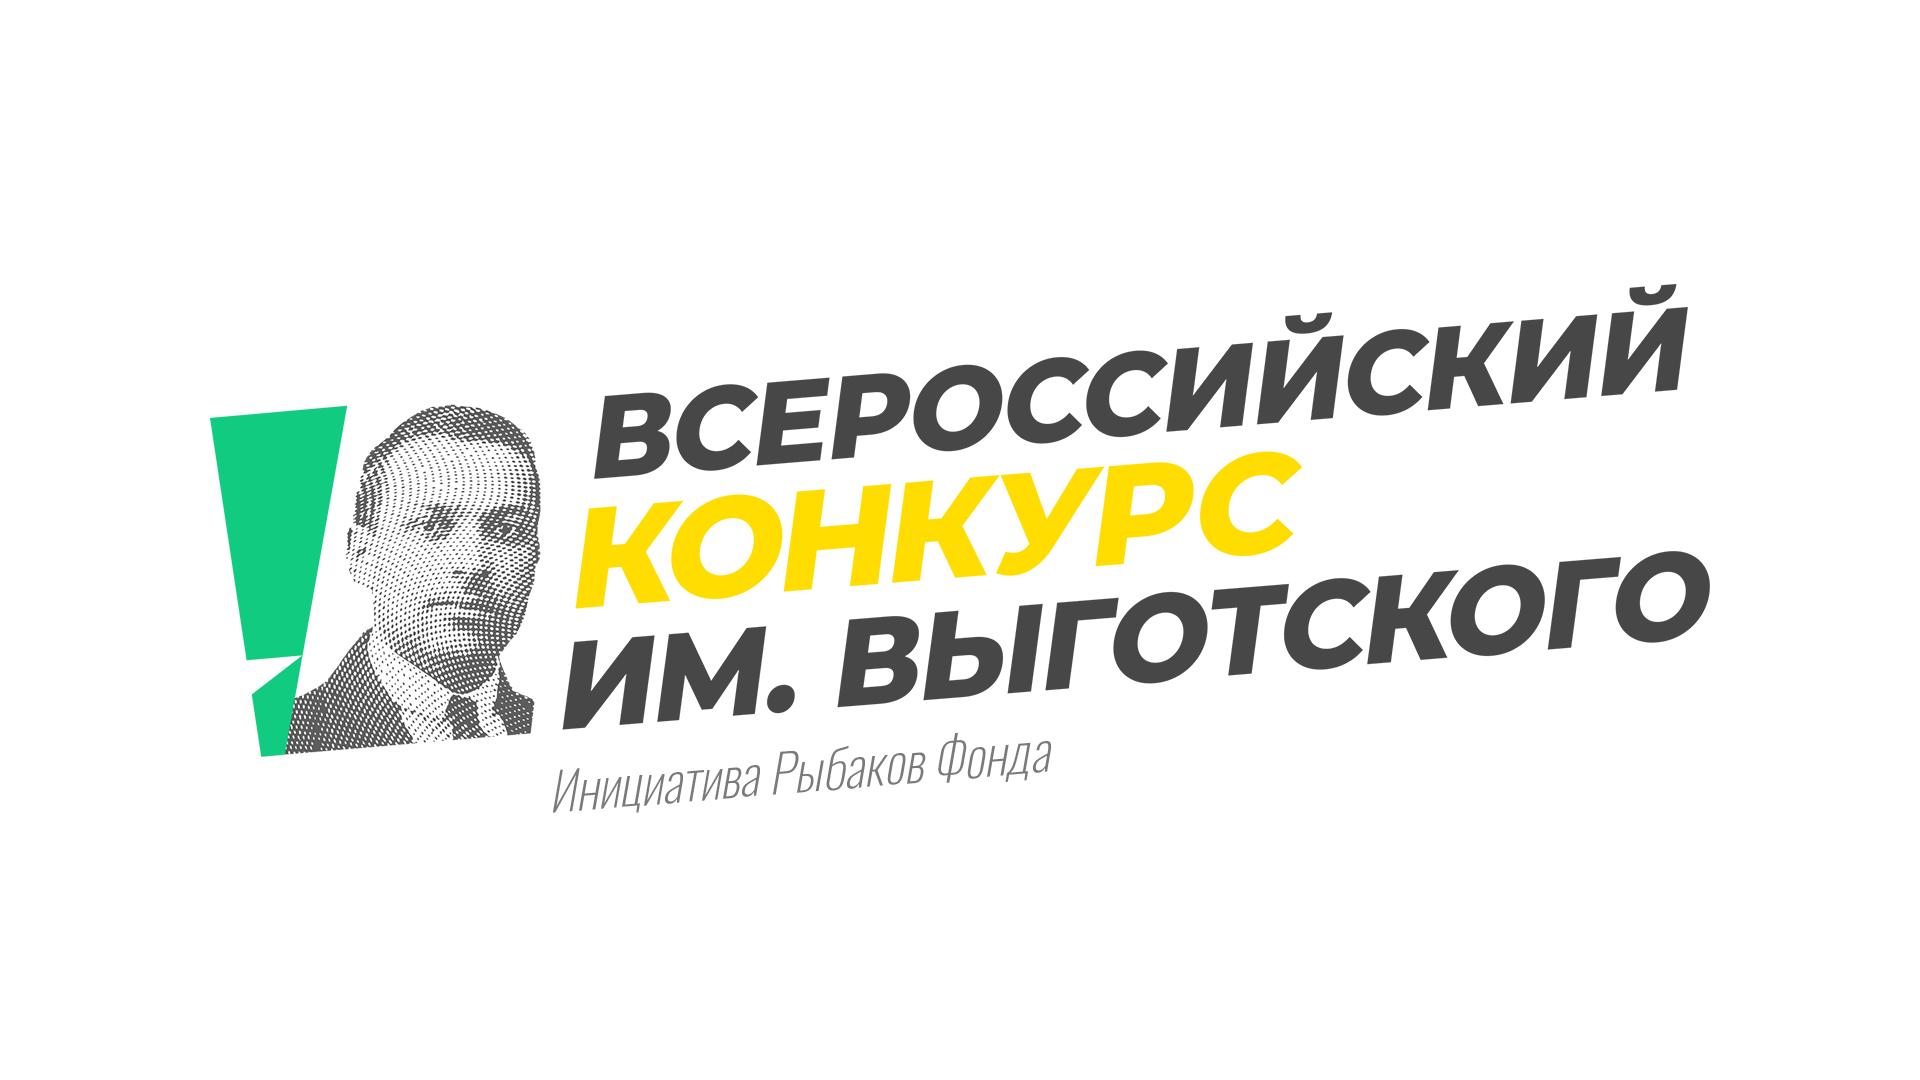 Победа вовсероссийском конкурсе им.Л.С. Выготского